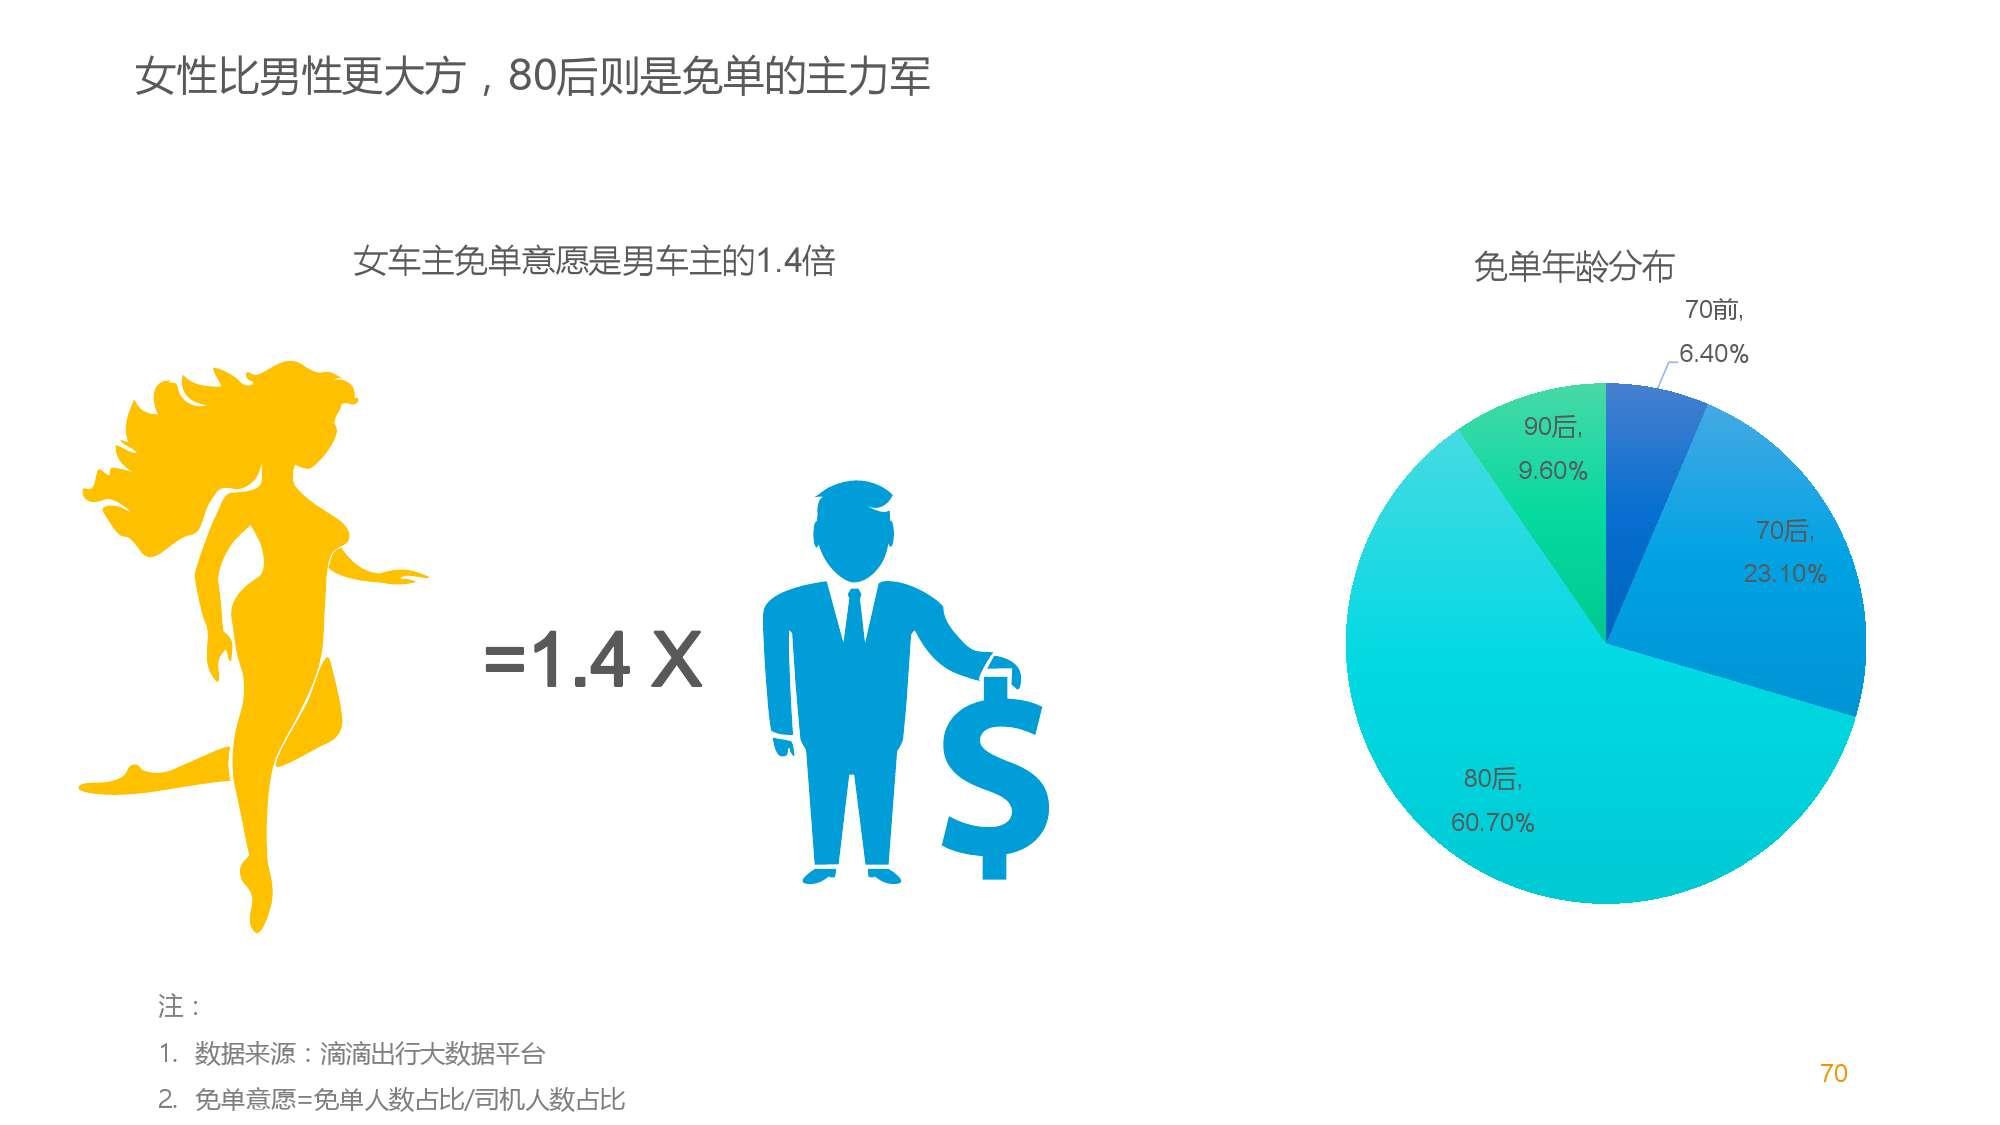 中国智能出行2015大数据报告_000071